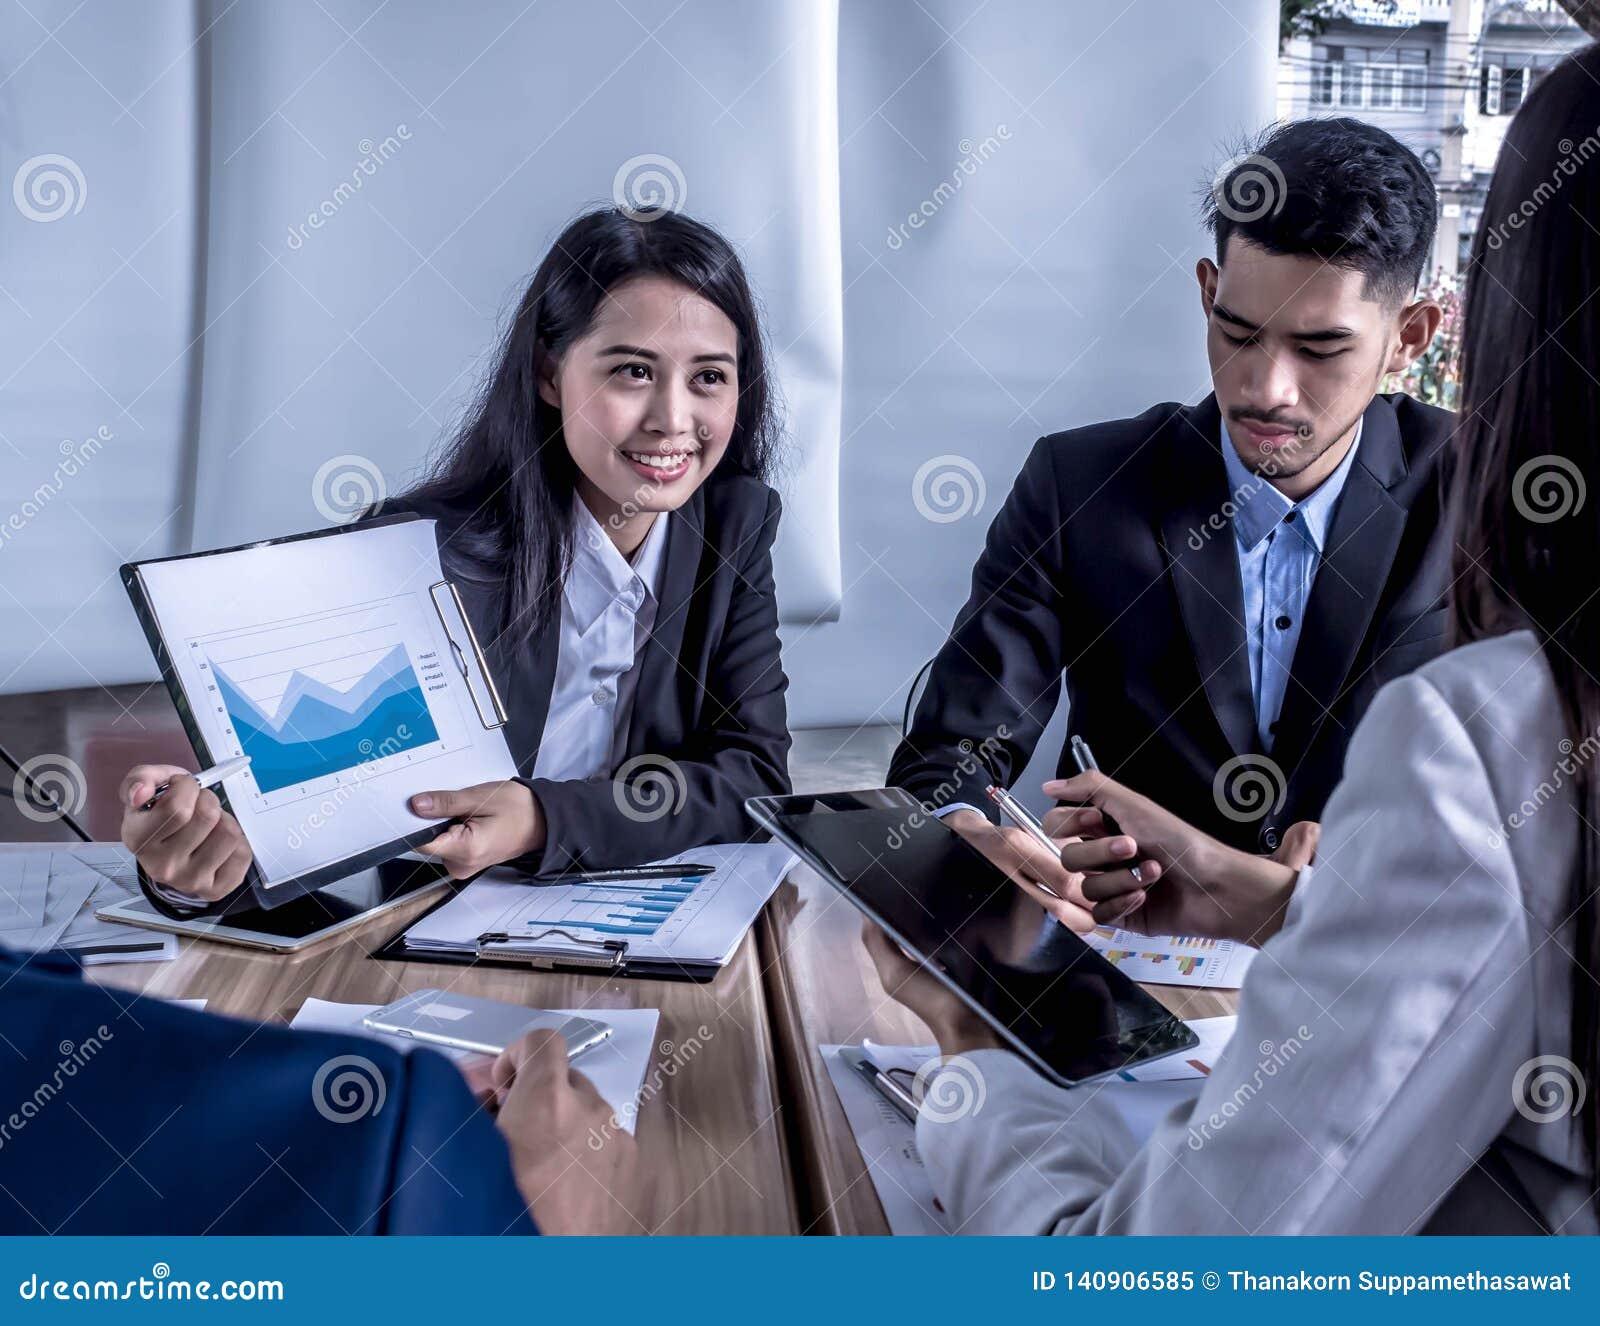 Mensen op het werk: commercieel team die een vergadering met team opleidings flipchart bureau hebben